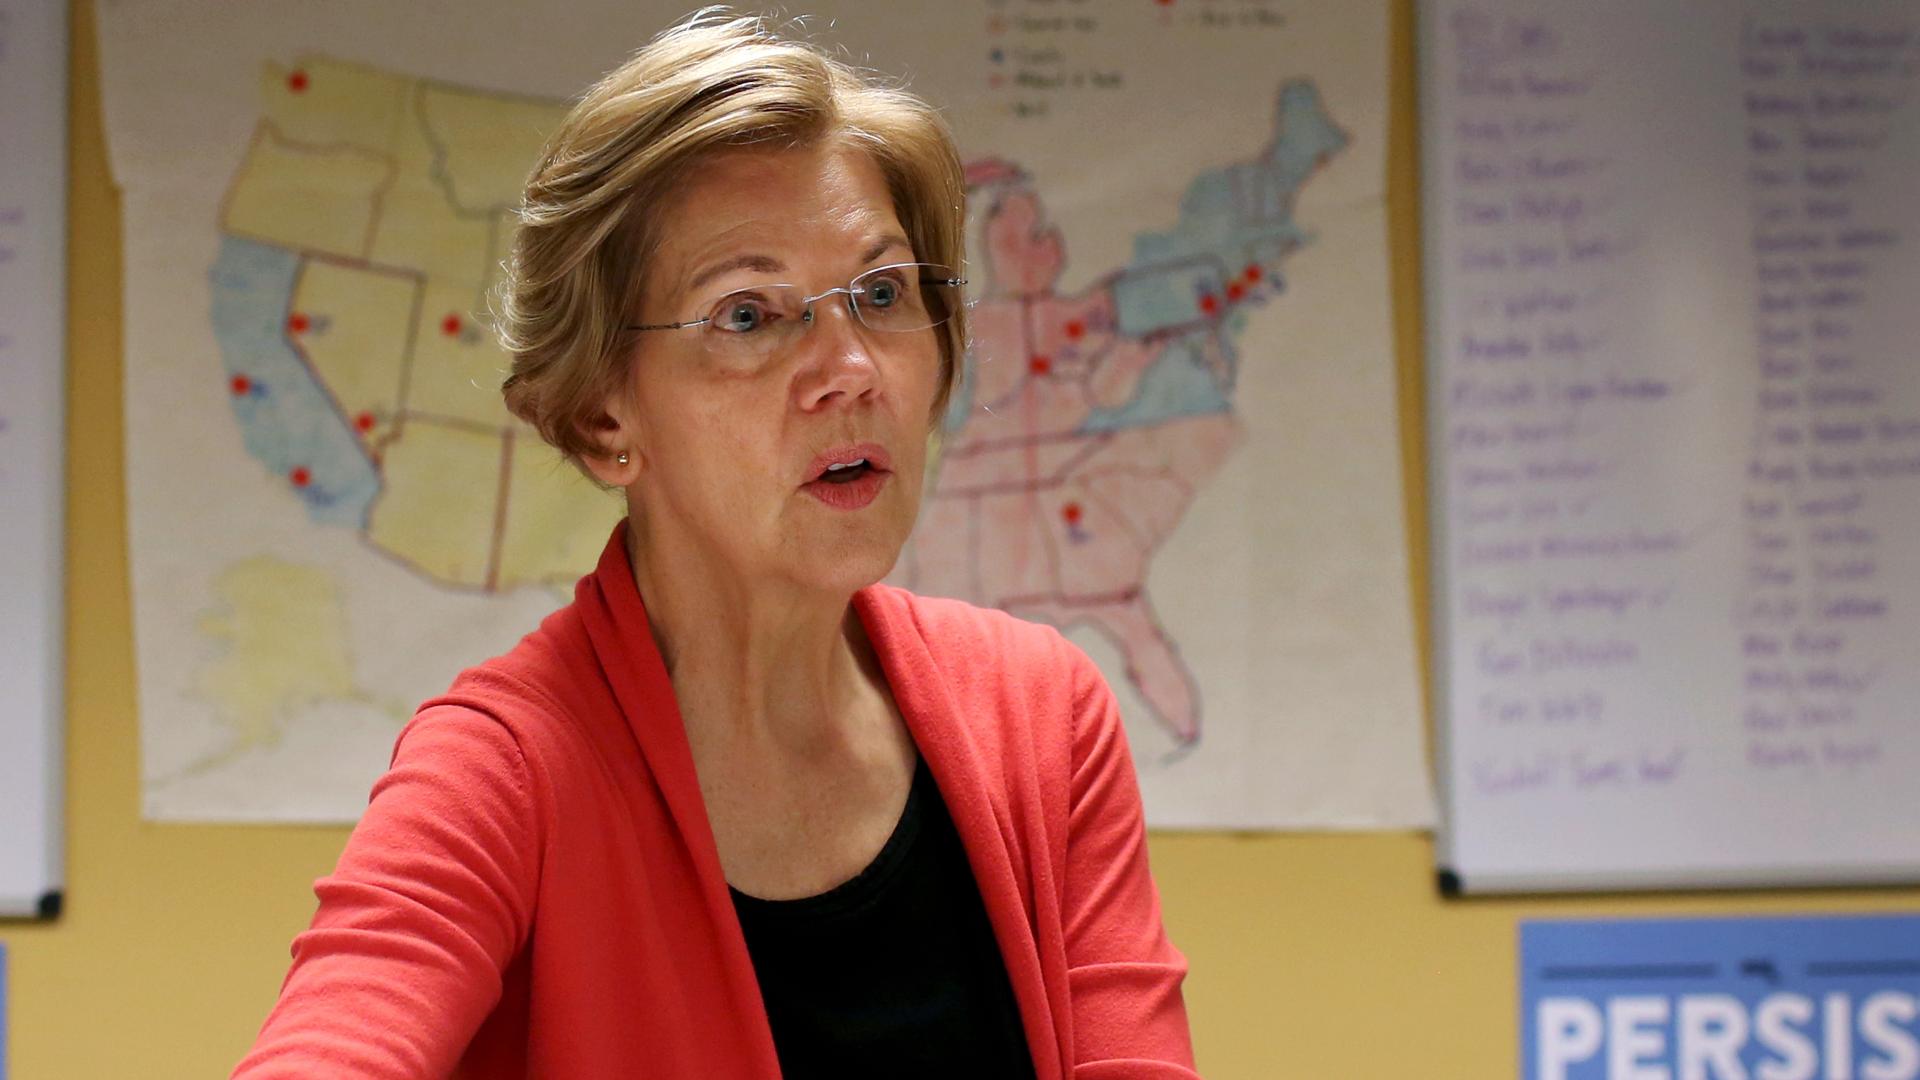 Canned crab? Elizabeth Warren is unfit to lead.